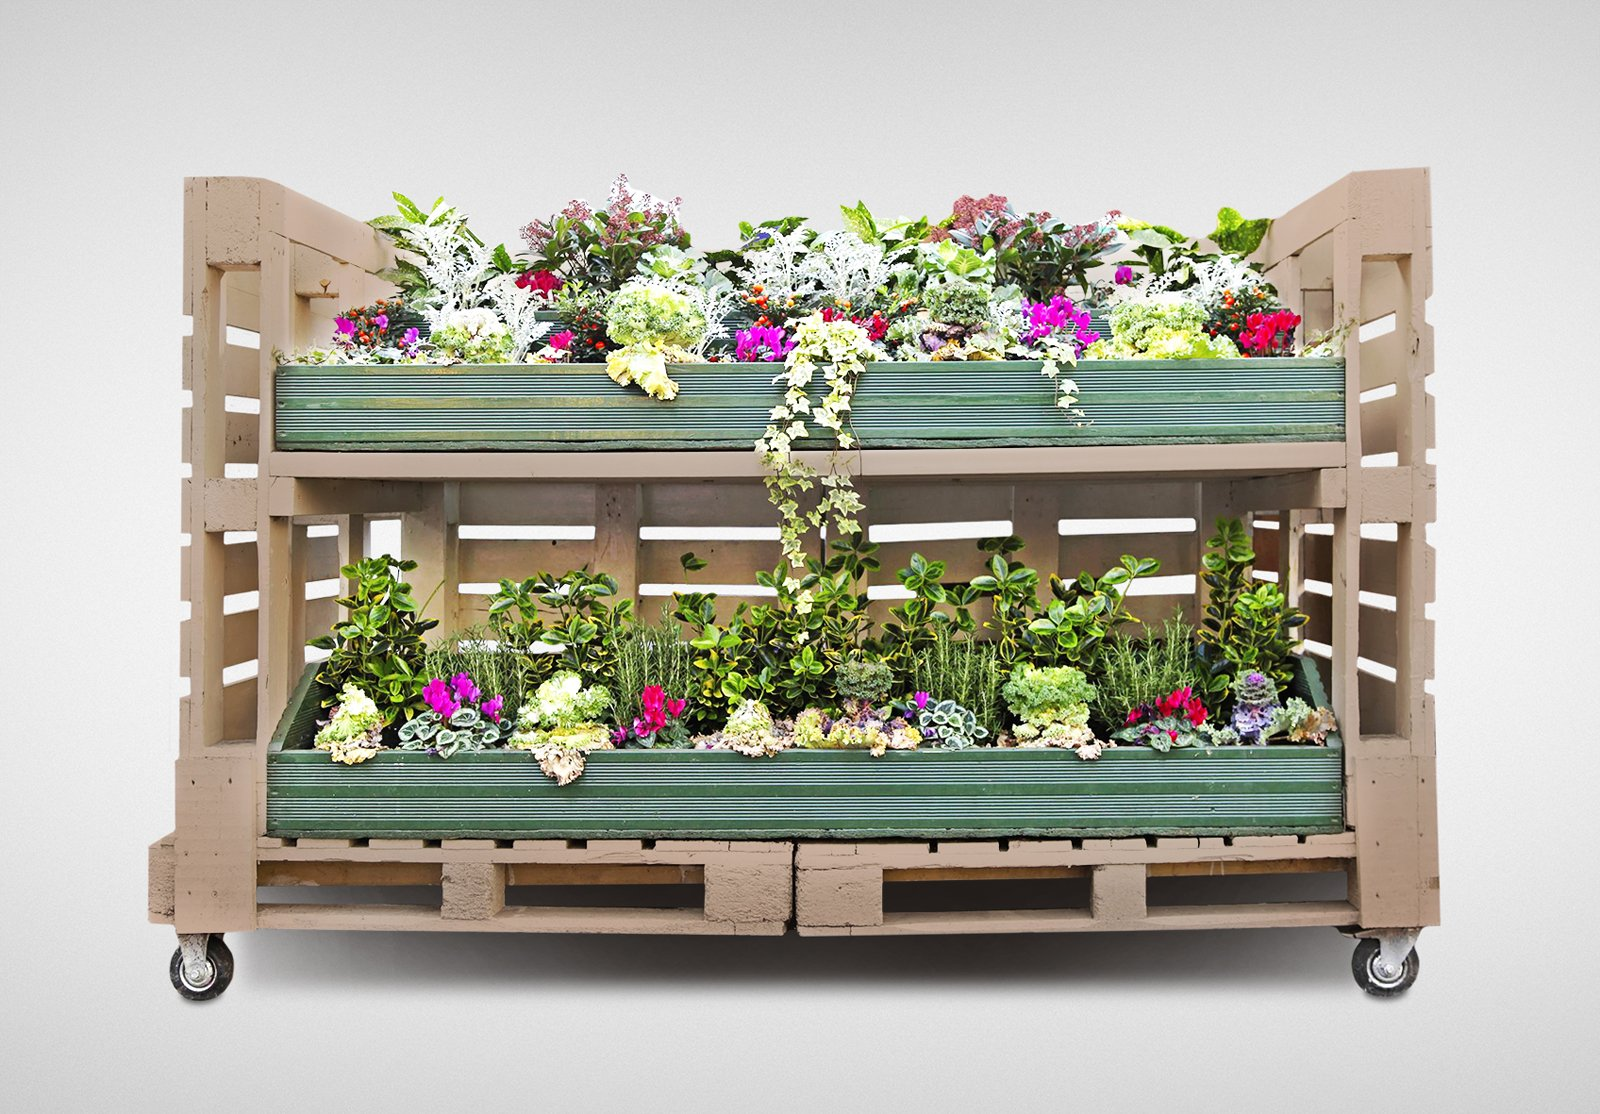 Ecodesign pallet fioriera cose di casa for Pallet arredo giardino